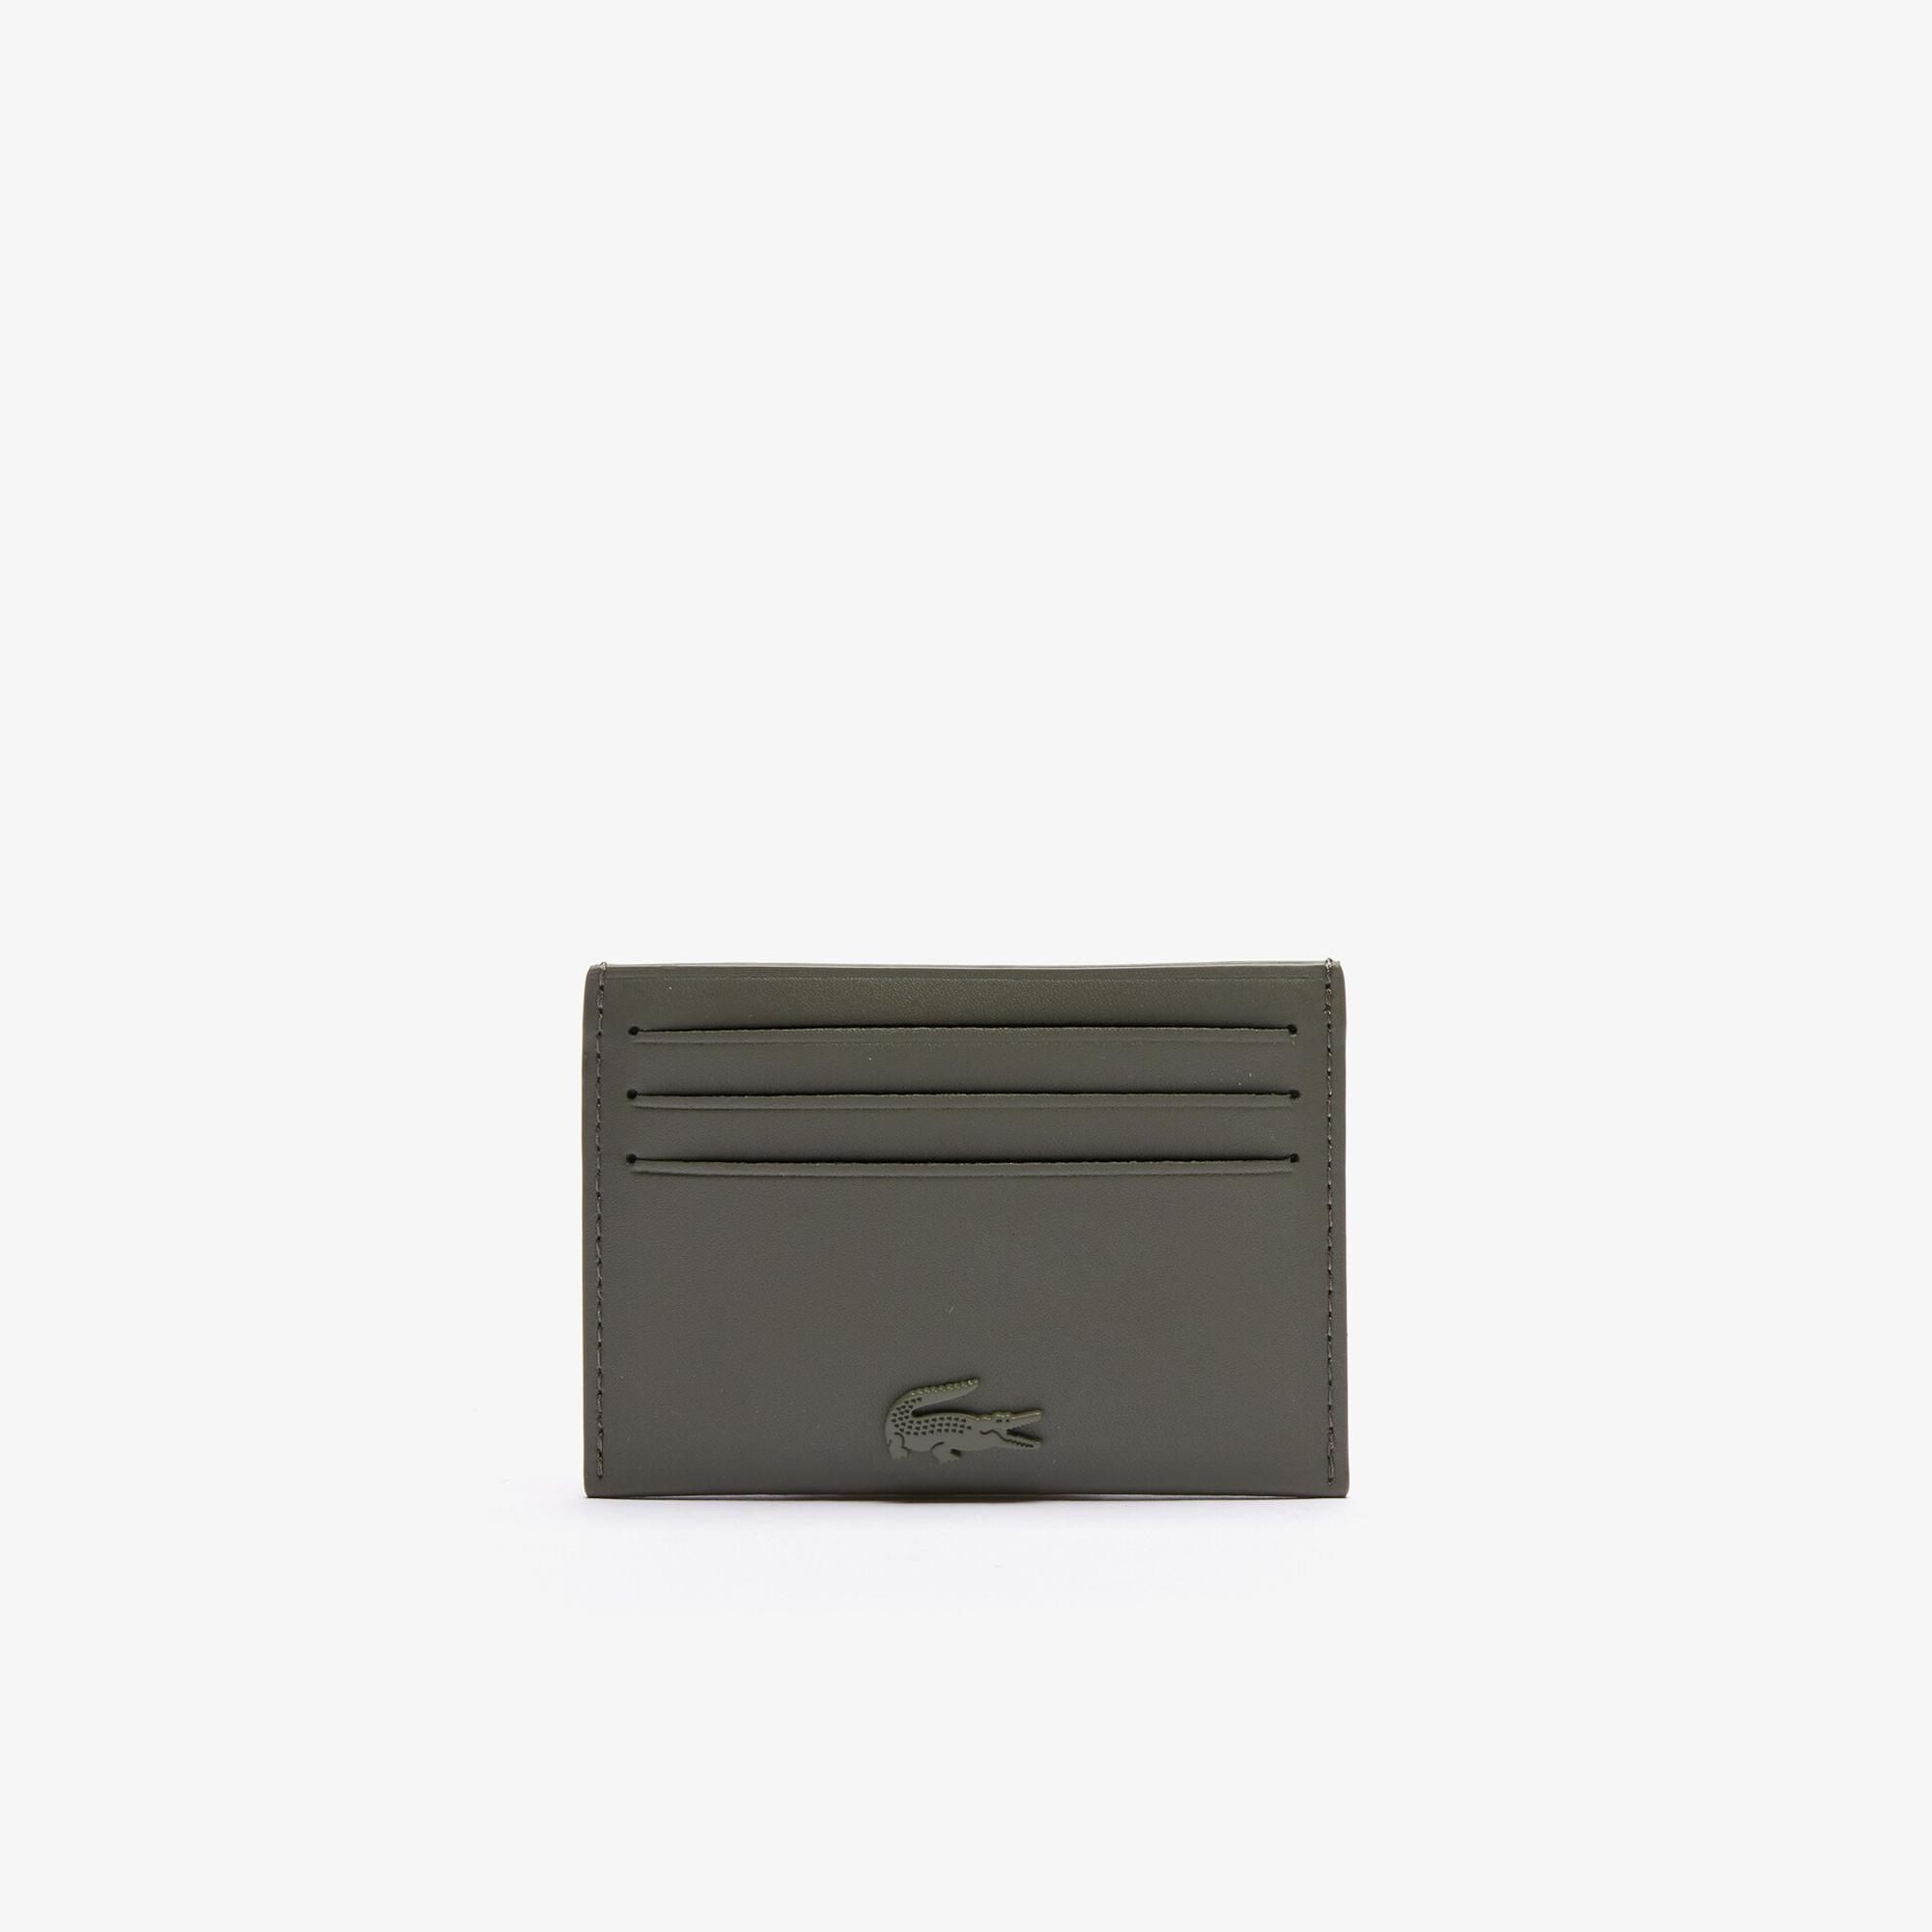 Lacoste чехол для кредитних карт чоловічий